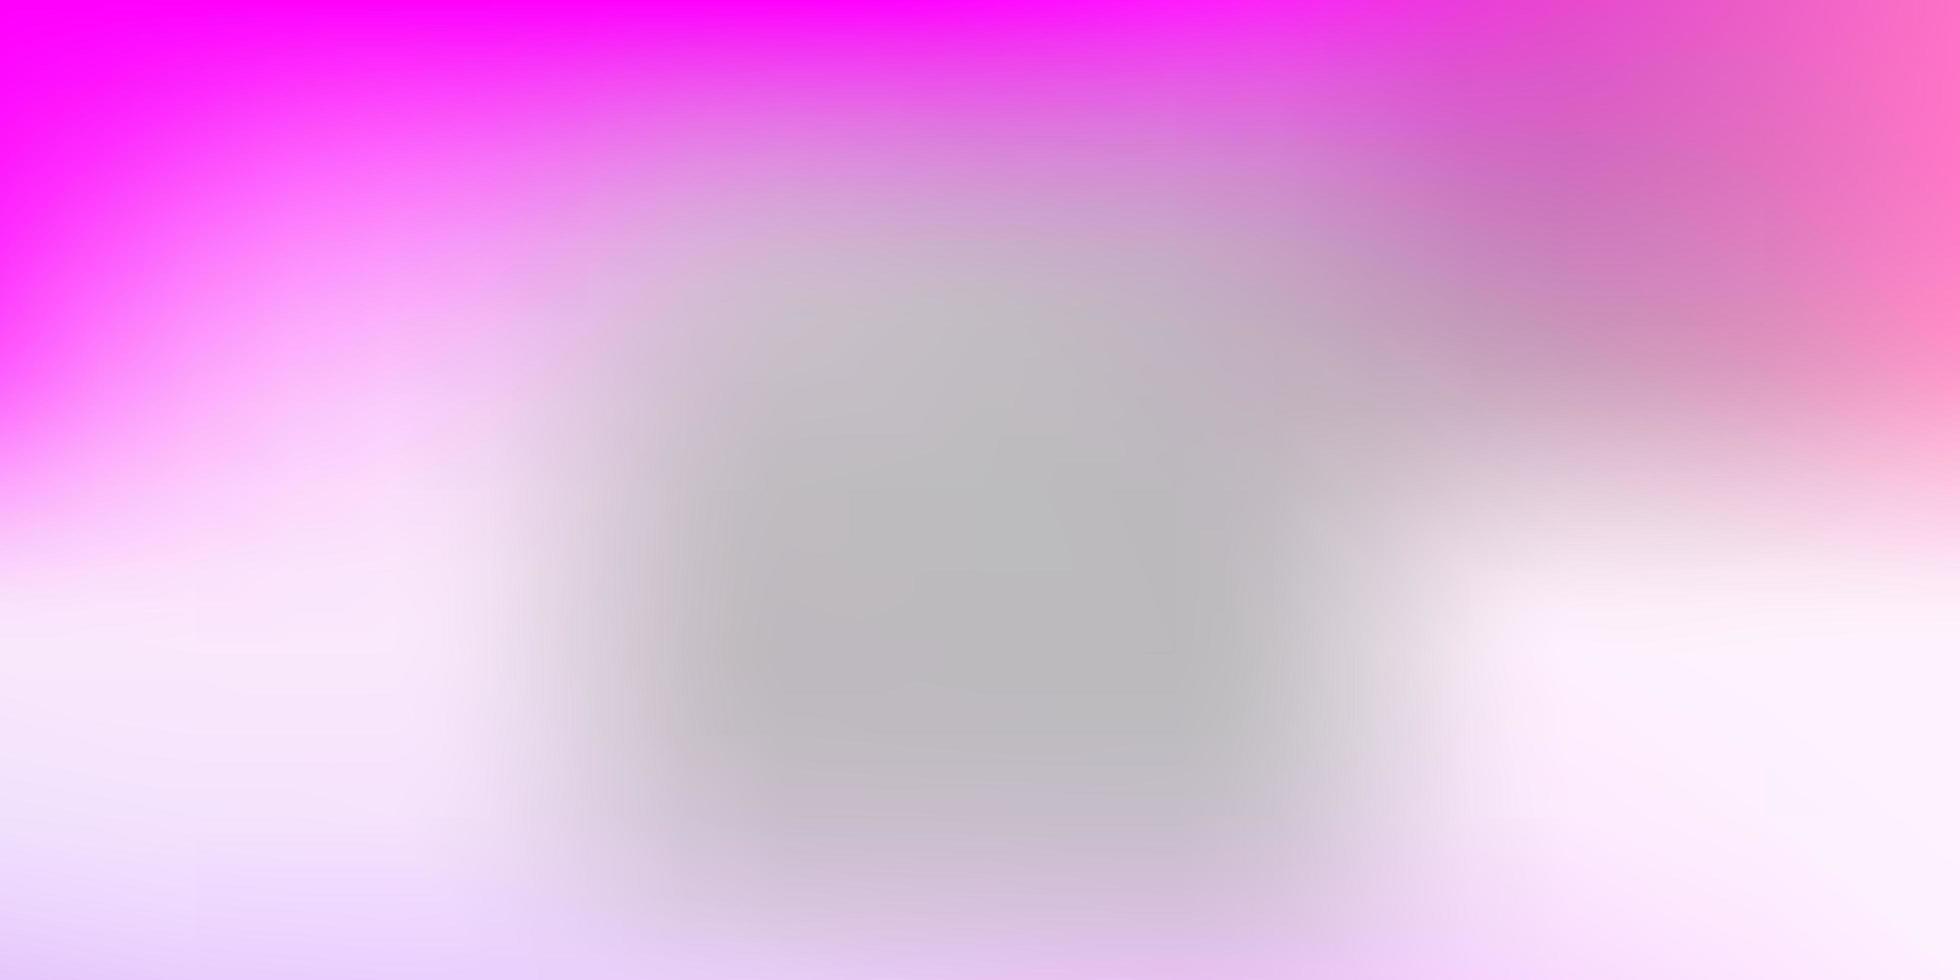 modelo de desfoque de gradiente rosa claro e roxo. vetor